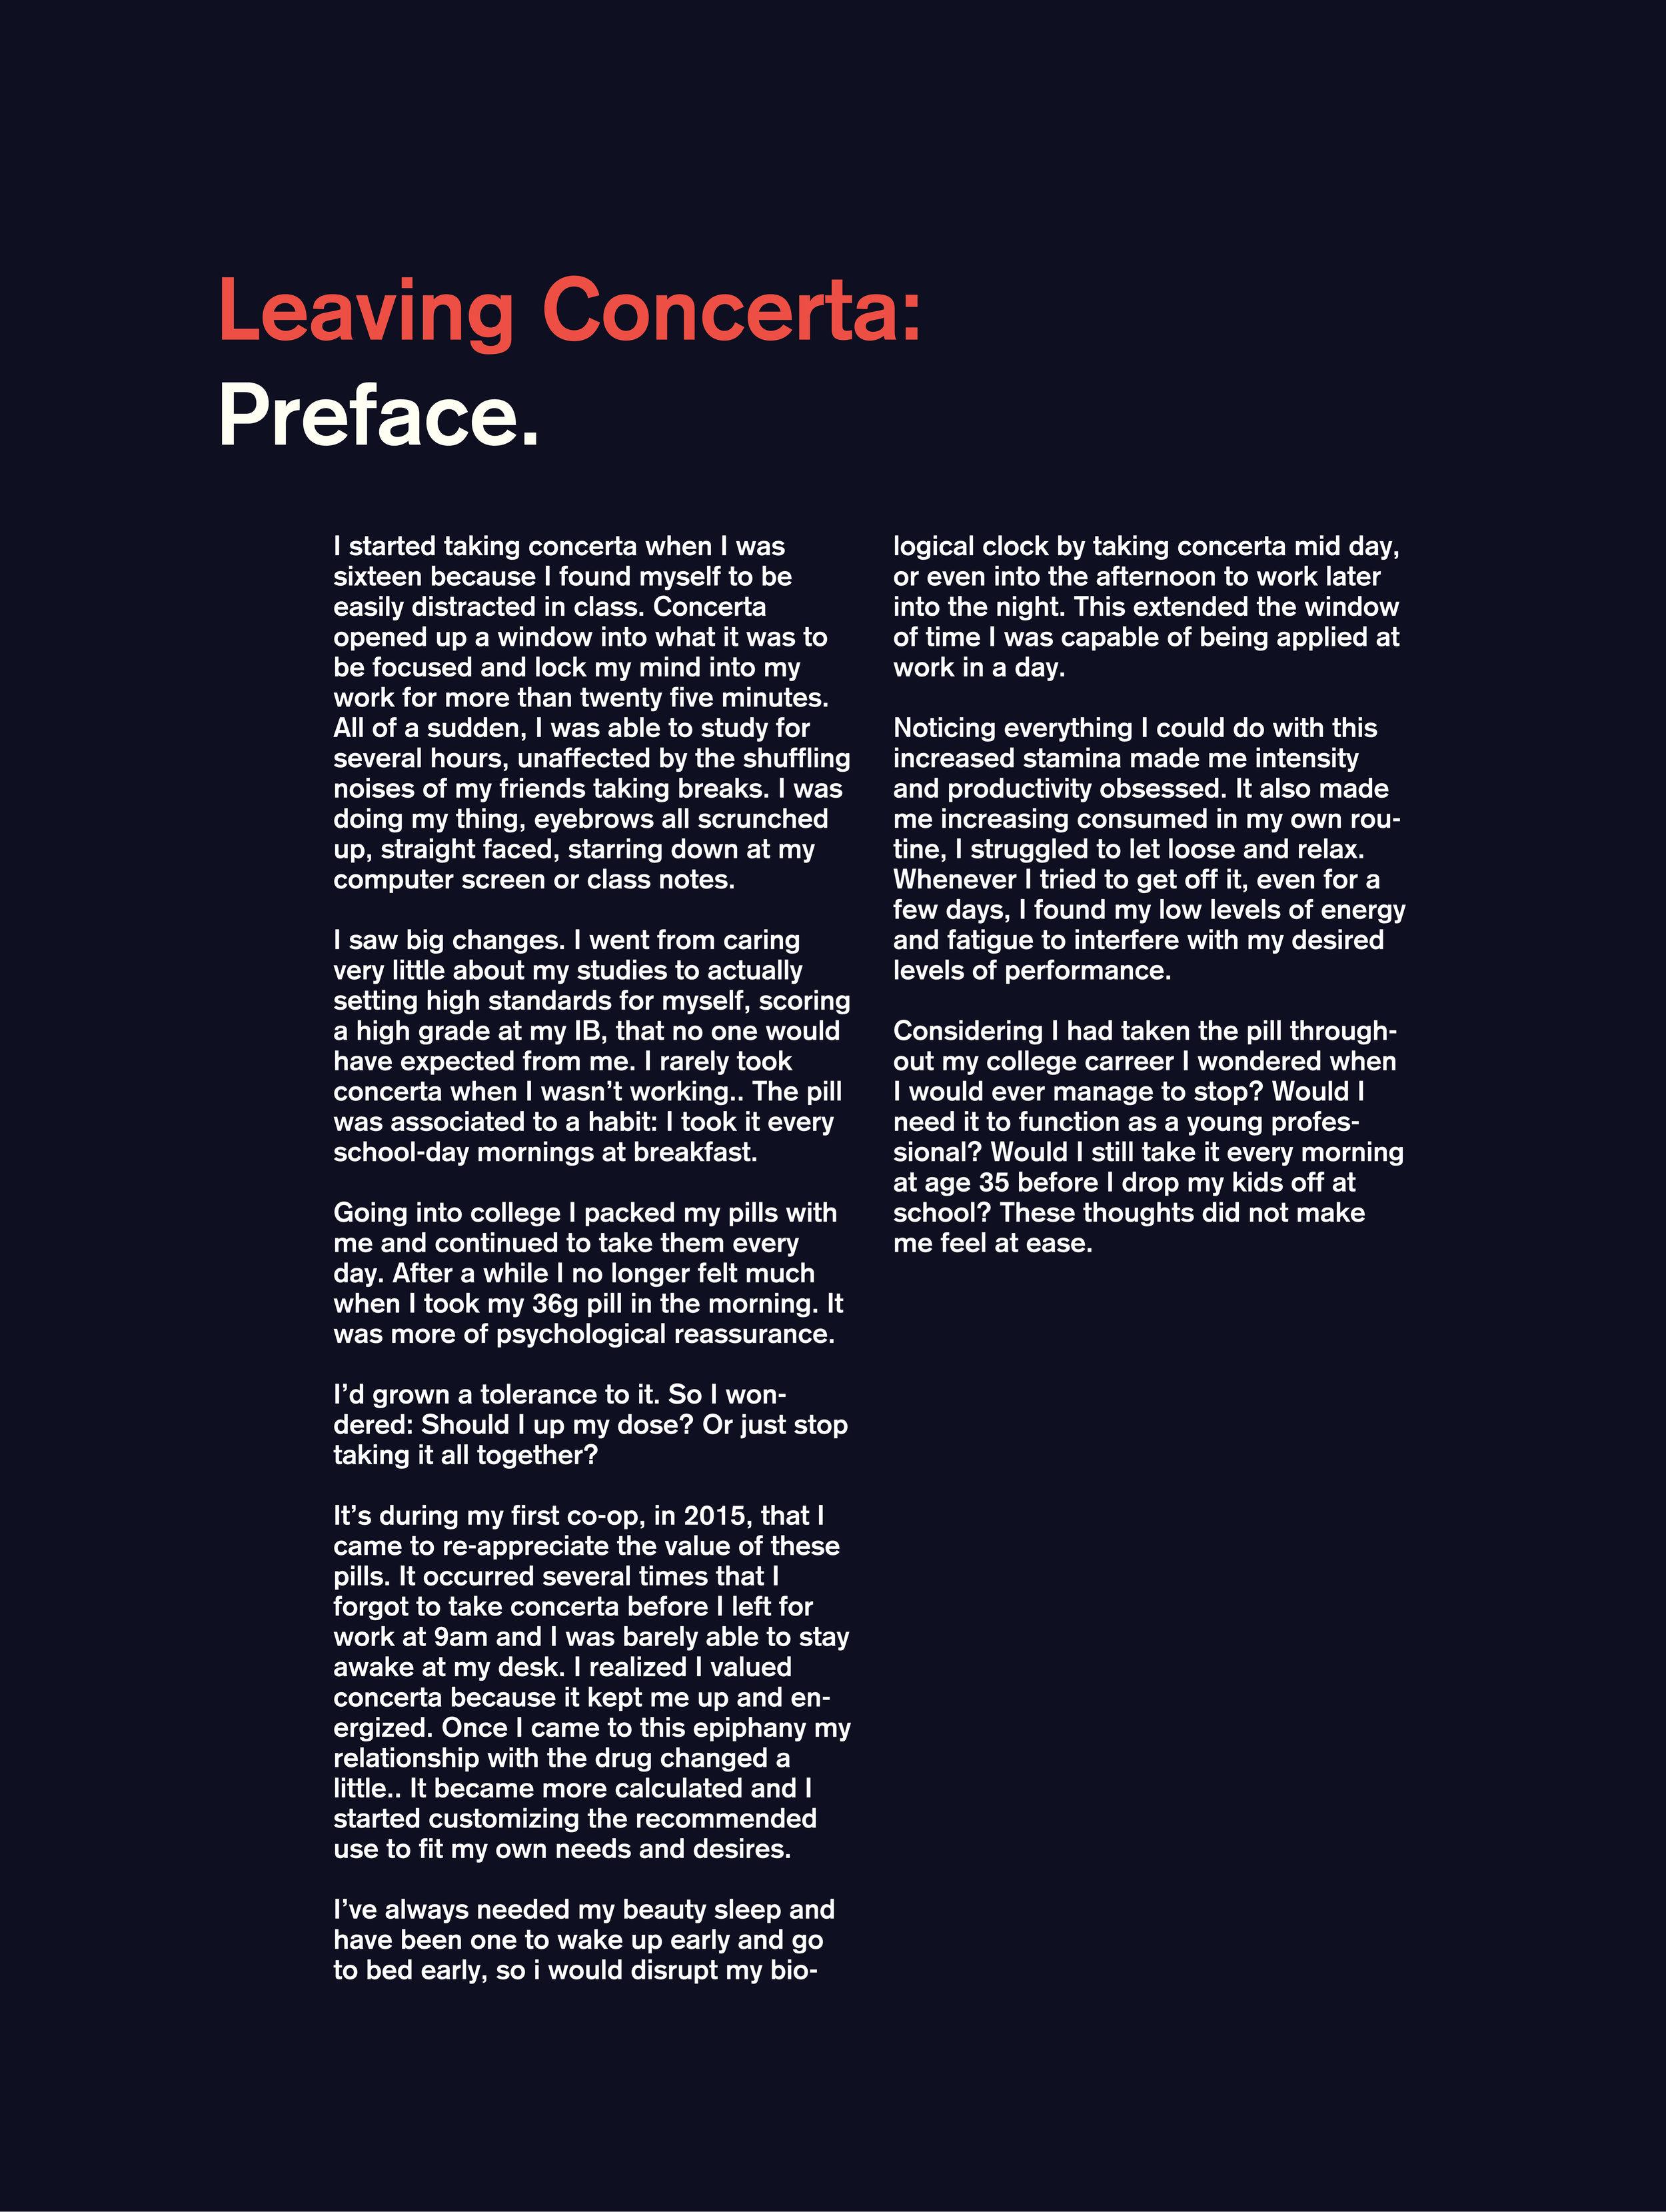 Preface-100.jpg